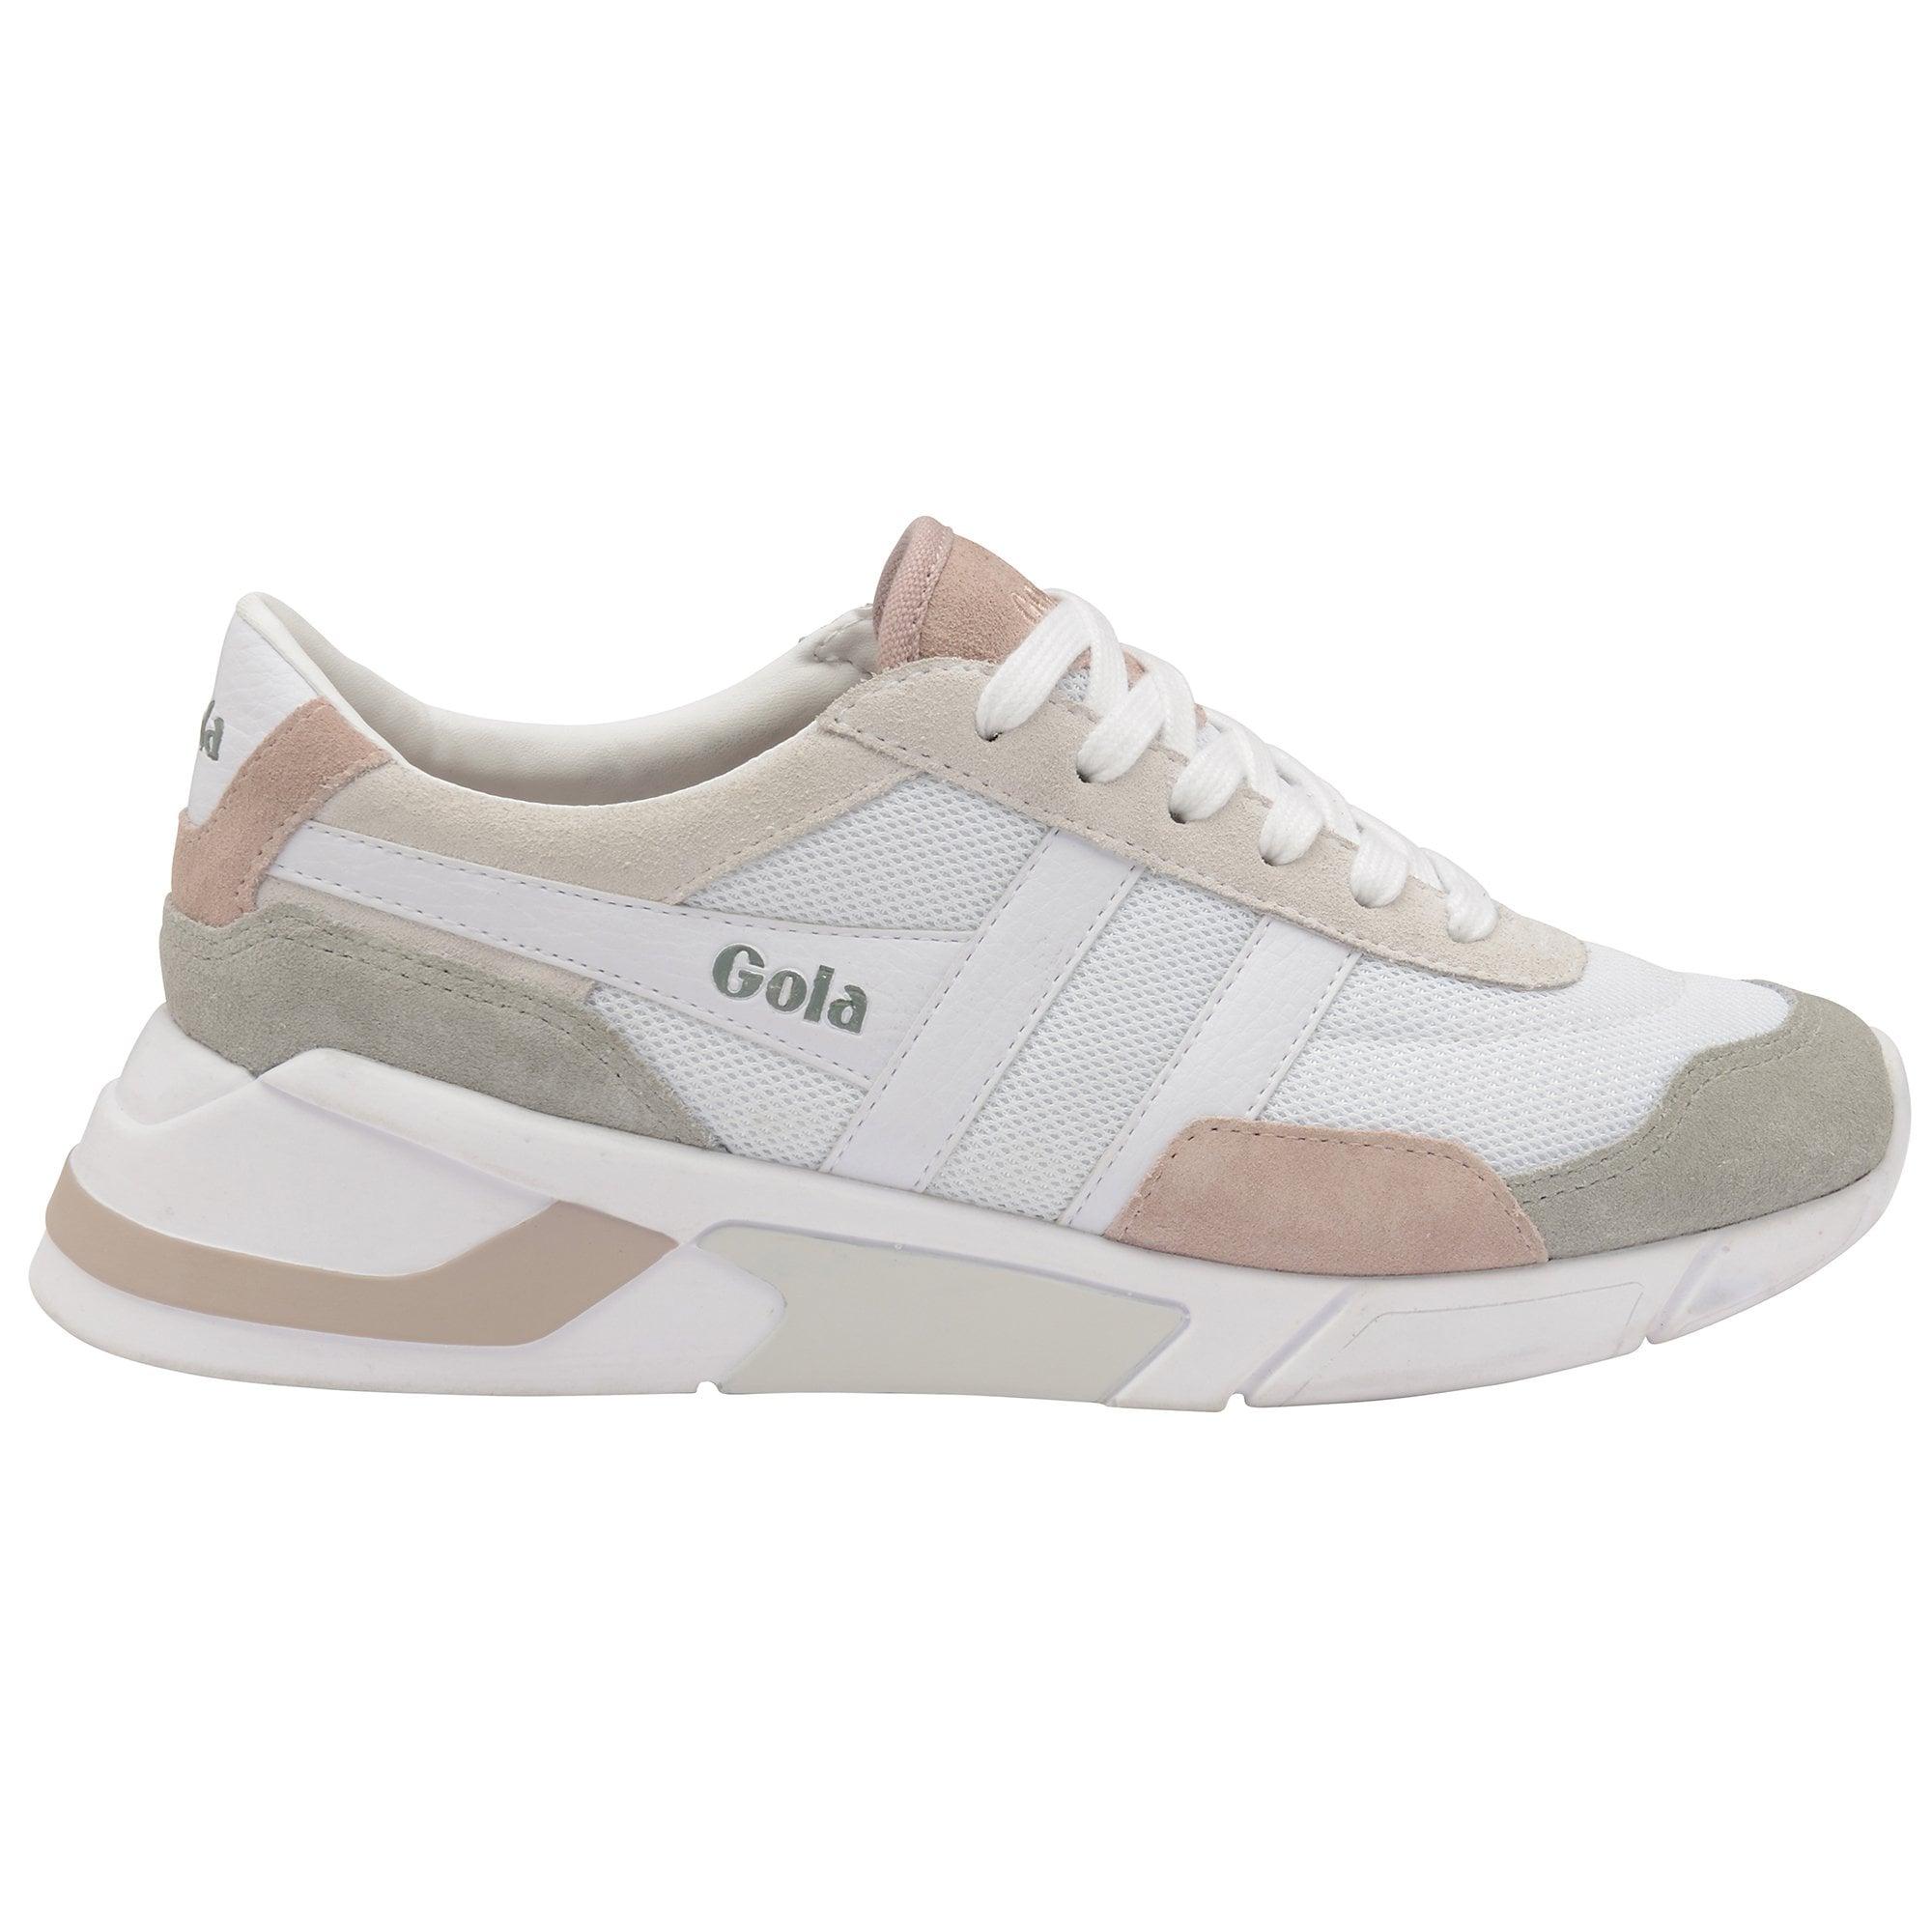 Buy Gola womens Eclipse sneaker in